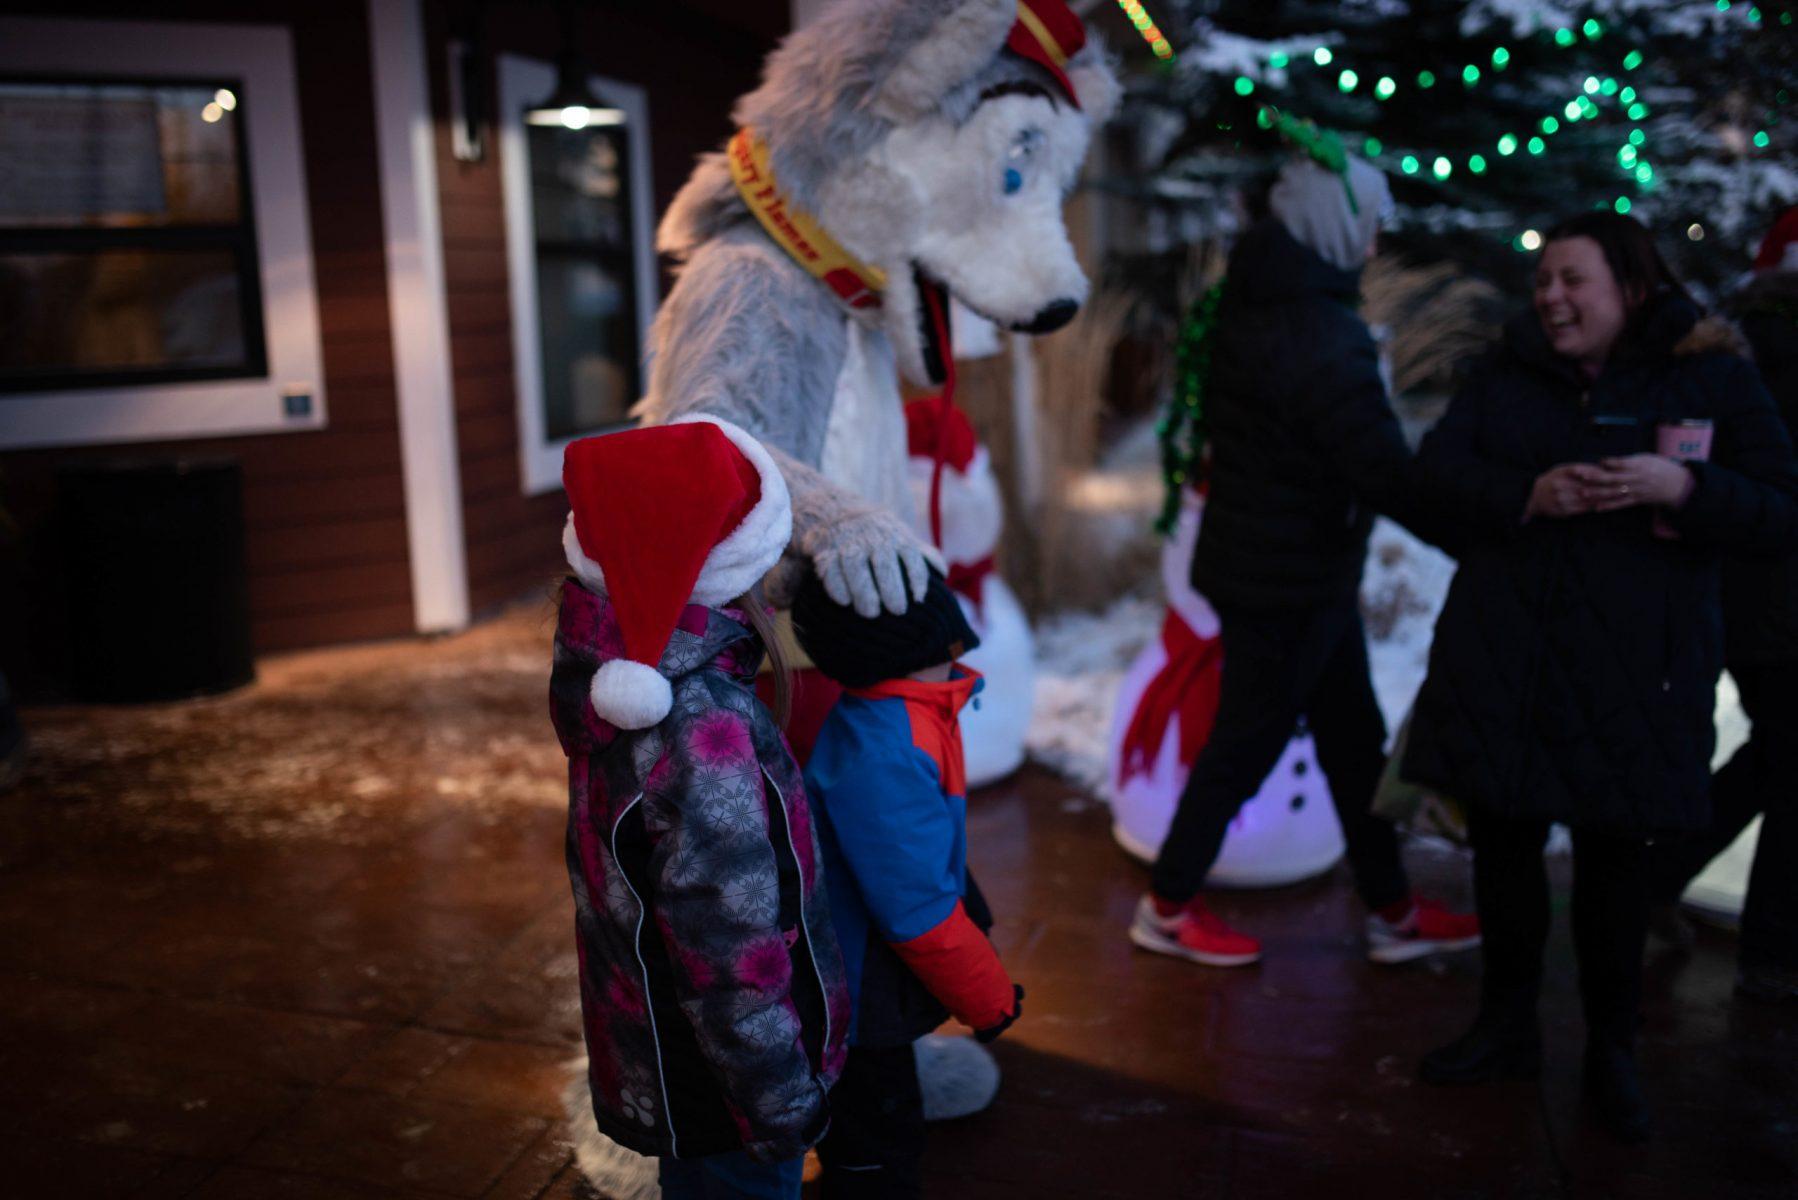 Auburn-Bay-Christmas-Parade-2019-29-scaled